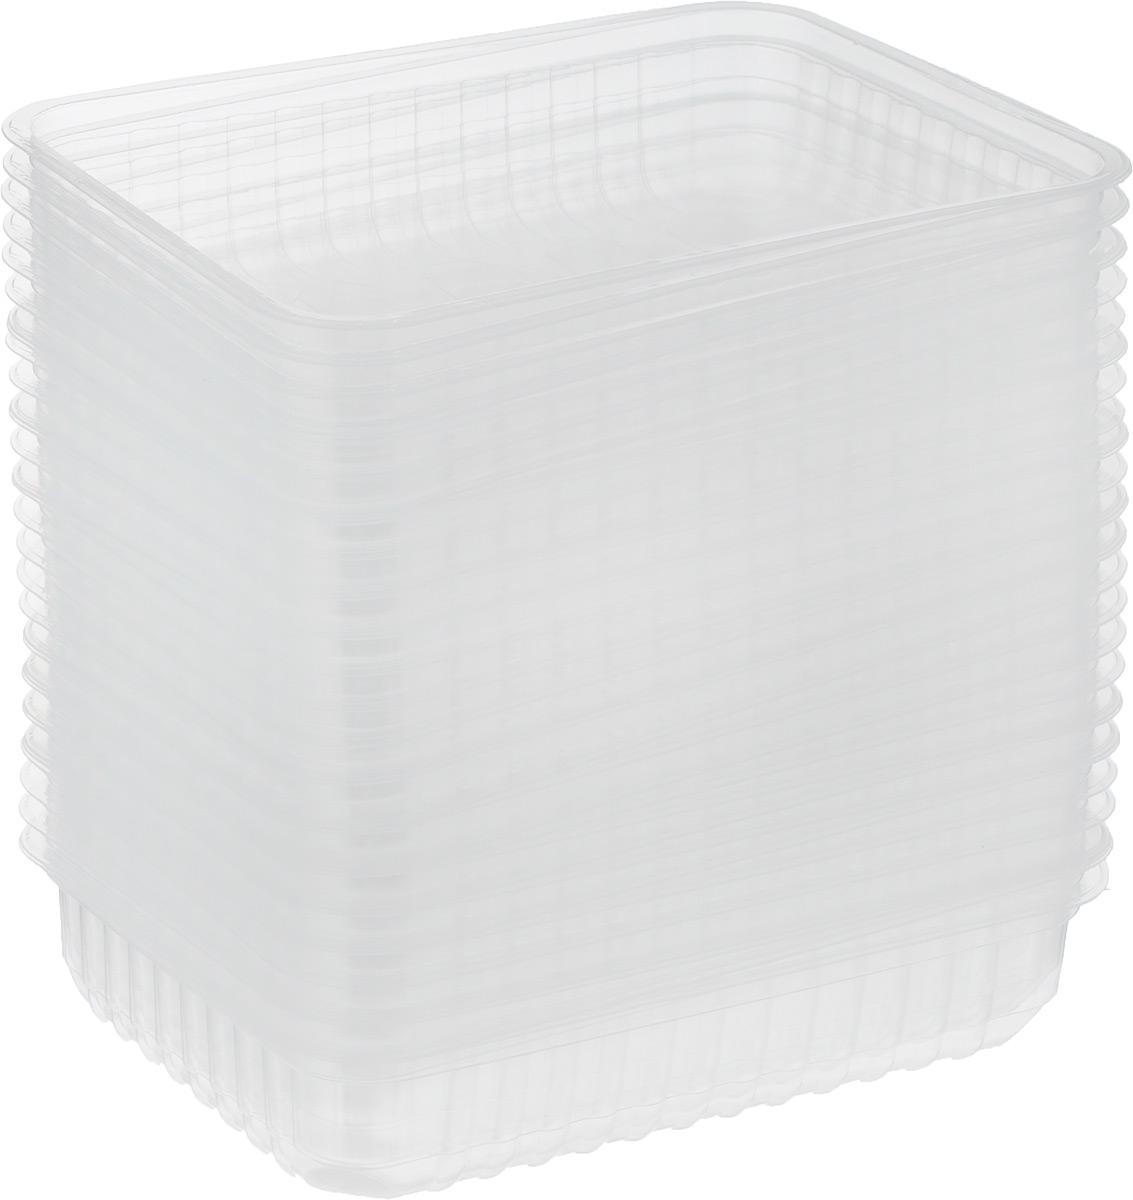 Контейнер пищевой Стиролпласт, 500 мл, 50 штПОС17493Контейнер прямоугольной формы Стиролпласт предназначен для хранения пищевых продуктов. Прозрачные стенки позволяют видеть содержимое. Контейнер необыкновенно удобен: в нем можно брать еду на работу, за город, ребенку в школу. Именно поэтому подобные контейнеры обретают все большую популярность. УВАЖАЕМЫЕ КЛИЕНТЫ!Обращаем ваше внимание на тот факт, что крышки в комплект не входят.